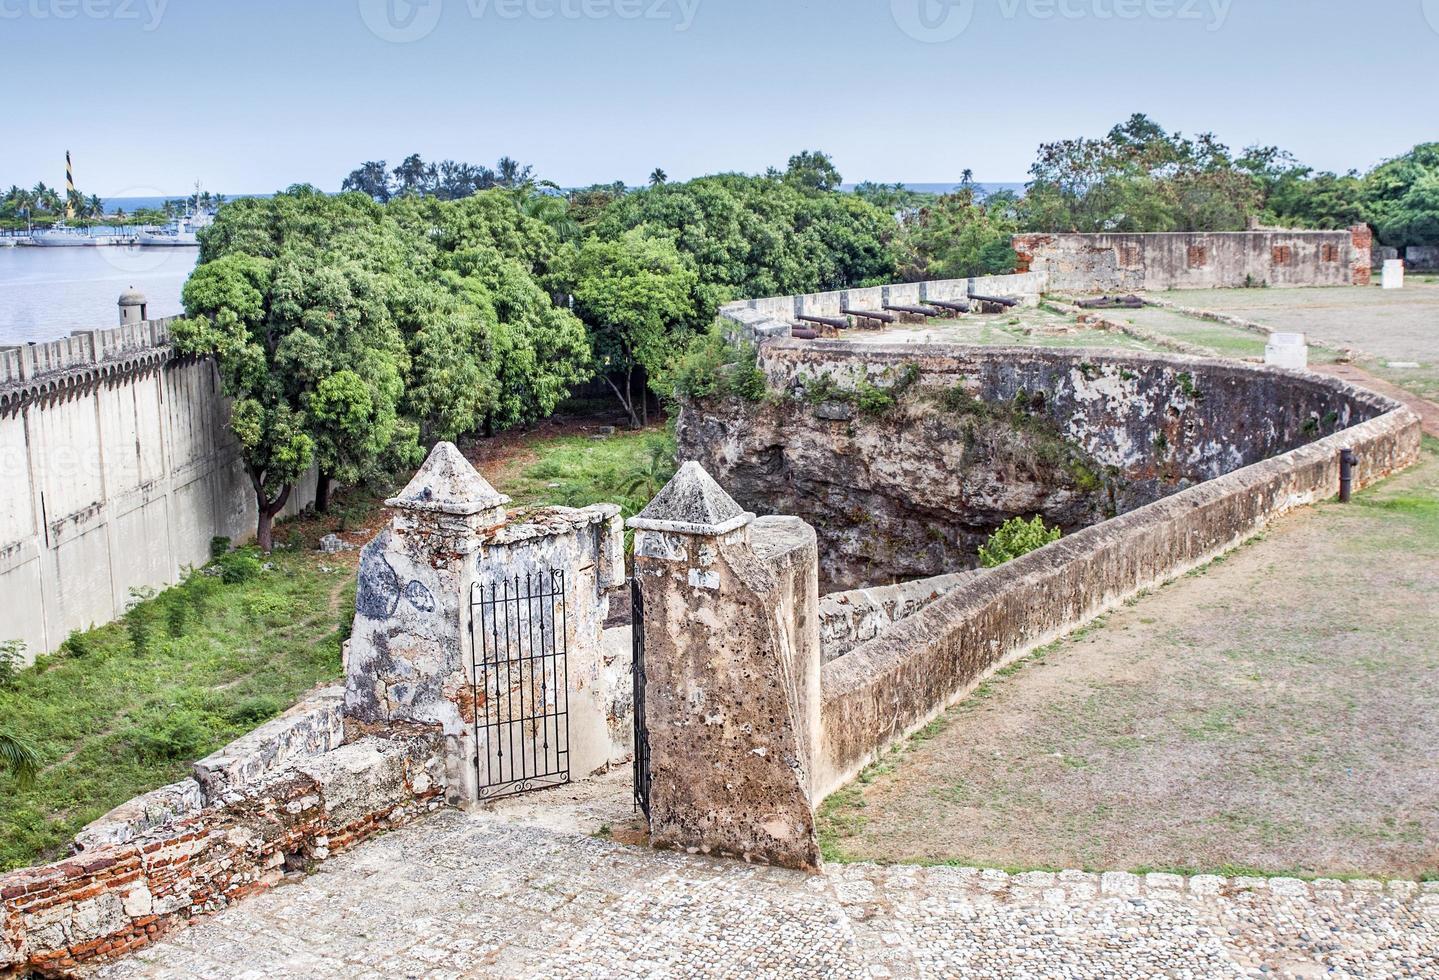 rio ozama e fortaleza, república dominicana foto